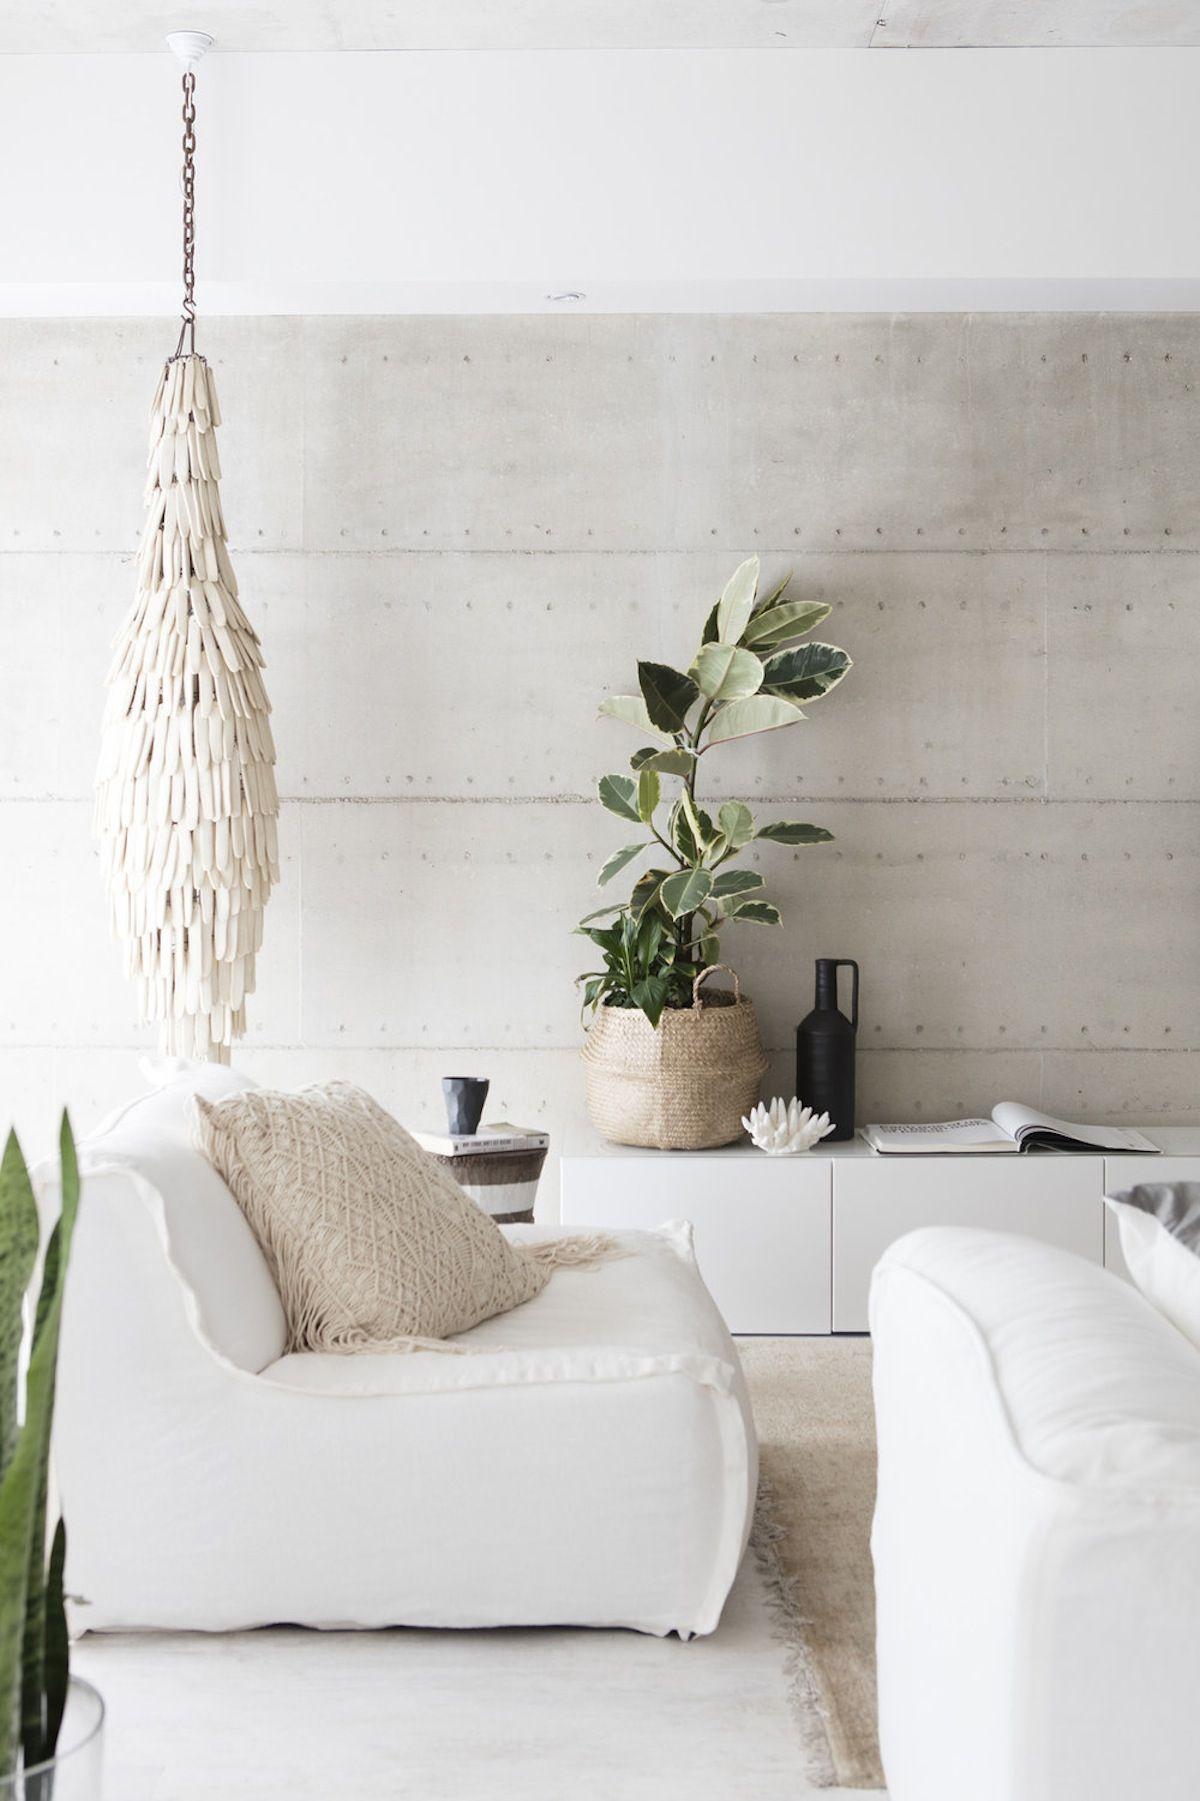 Interiors: A Tranquil Space (Sacramento Street)